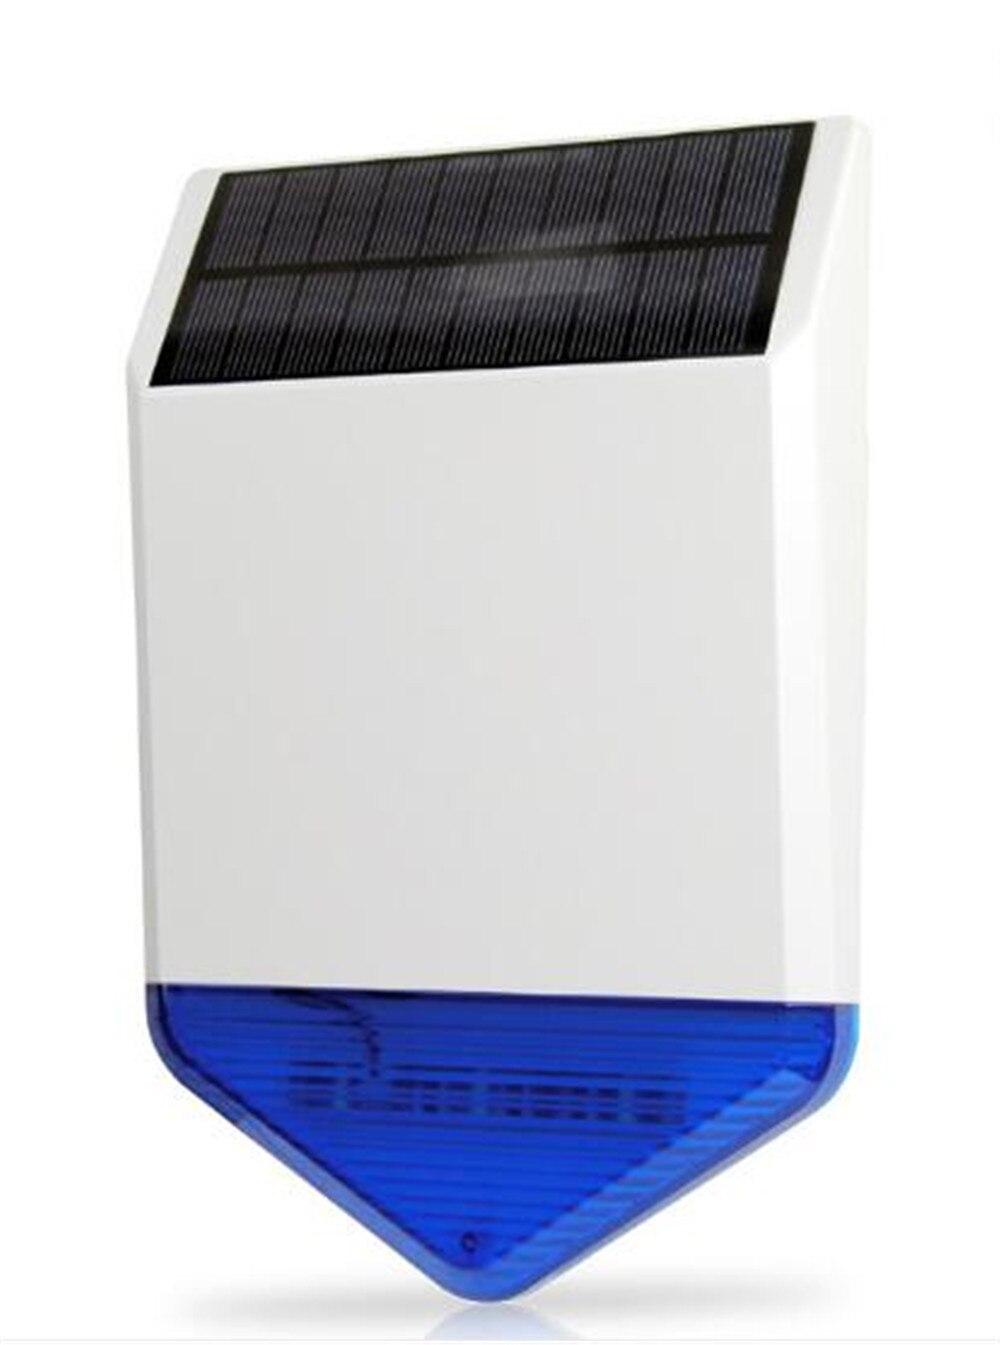 Sirène solaire extérieure étanche à l'eau pour système d'alarme antivol 433 Mhz